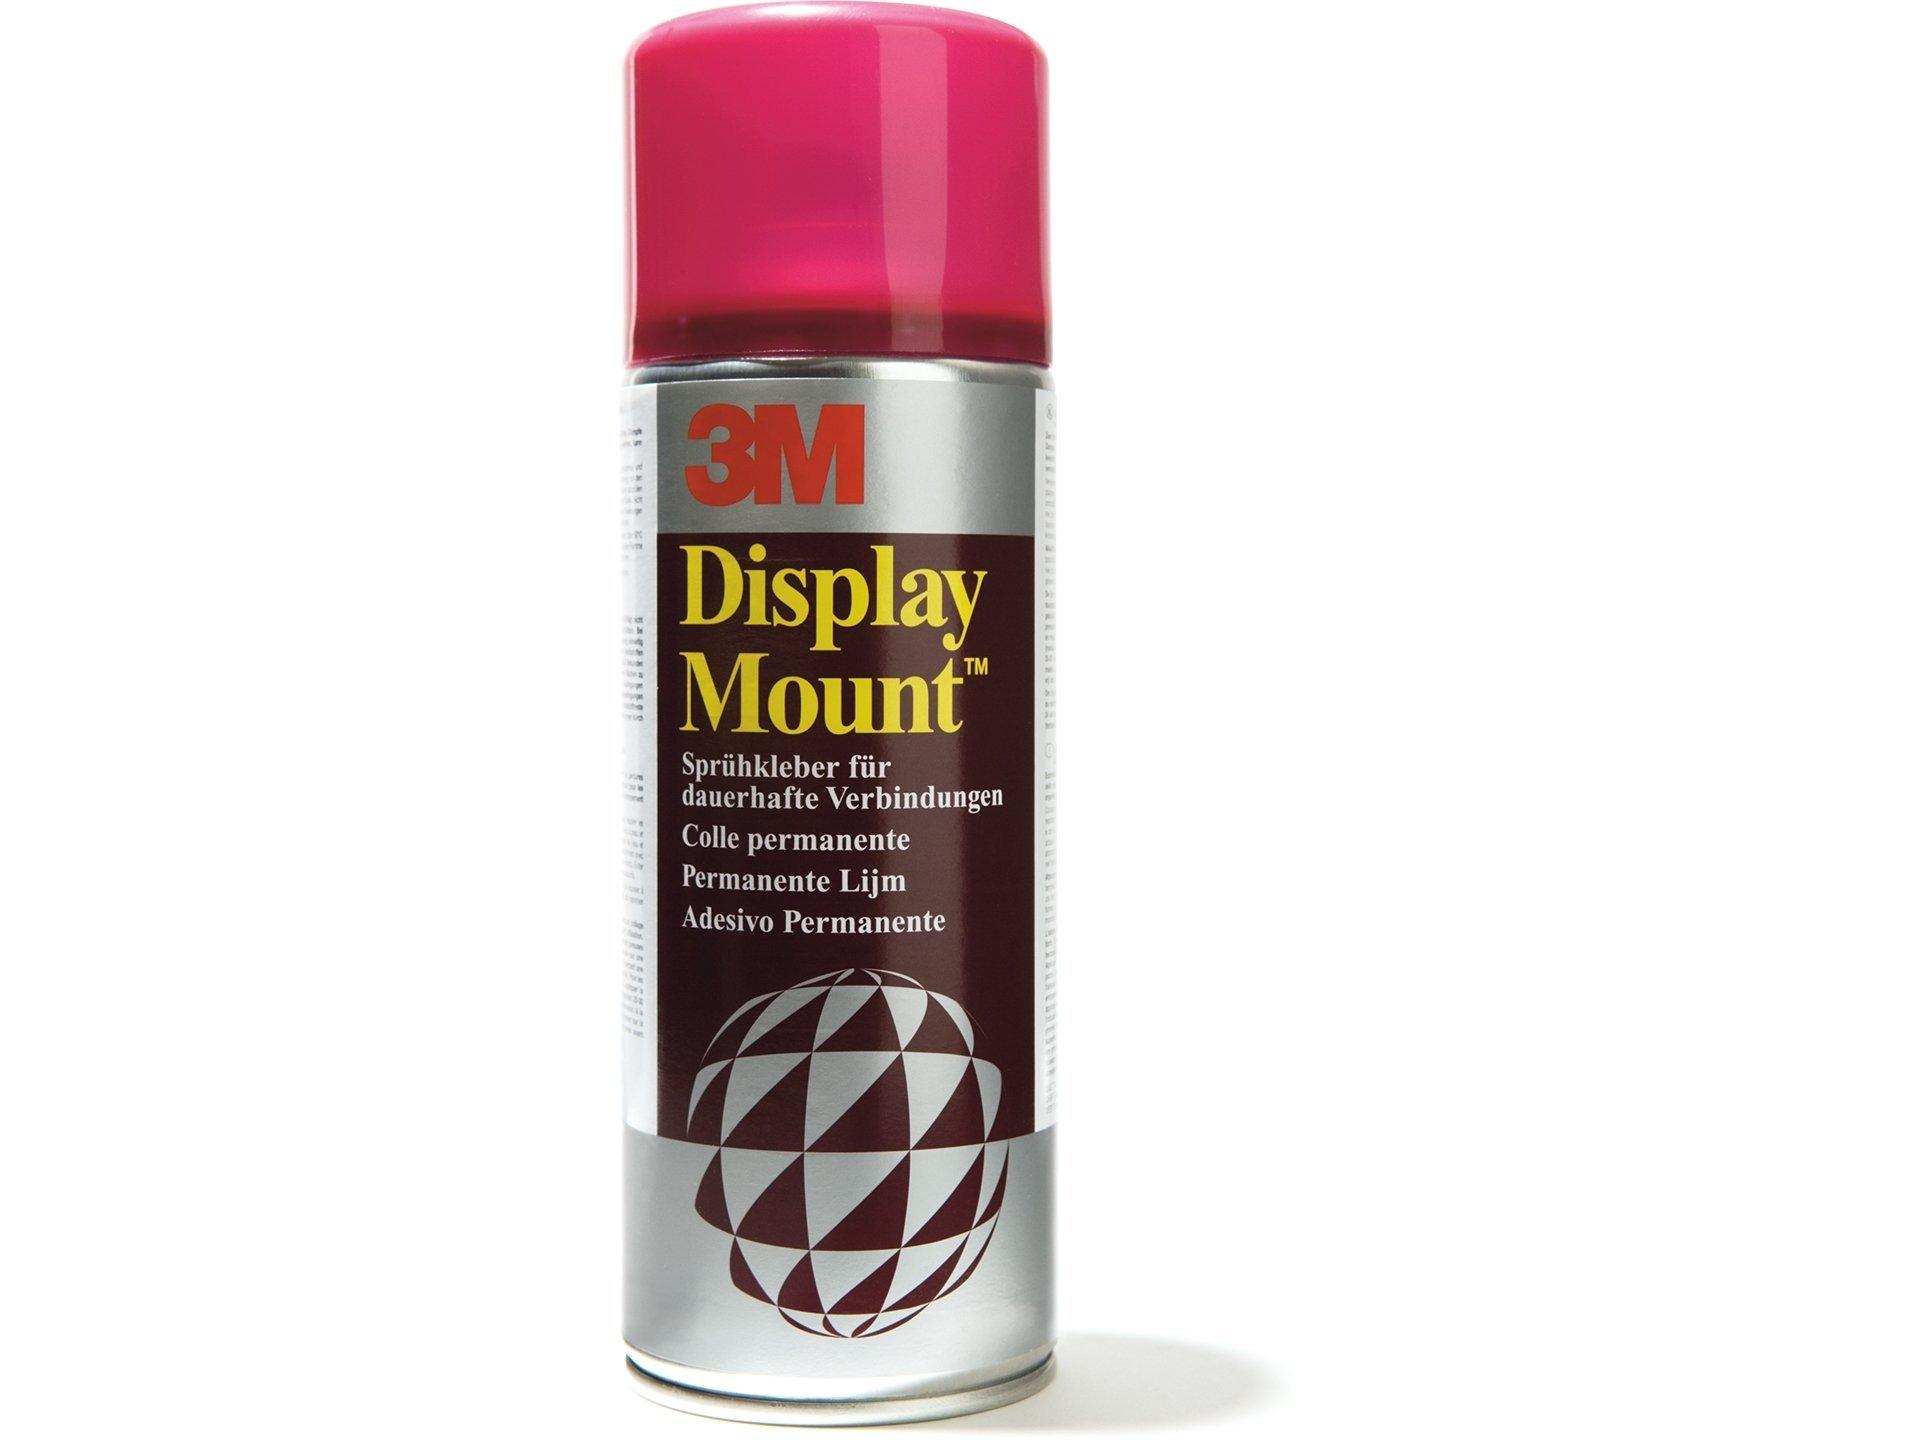 3m display mount spr hkleber online kaufen modulor. Black Bedroom Furniture Sets. Home Design Ideas